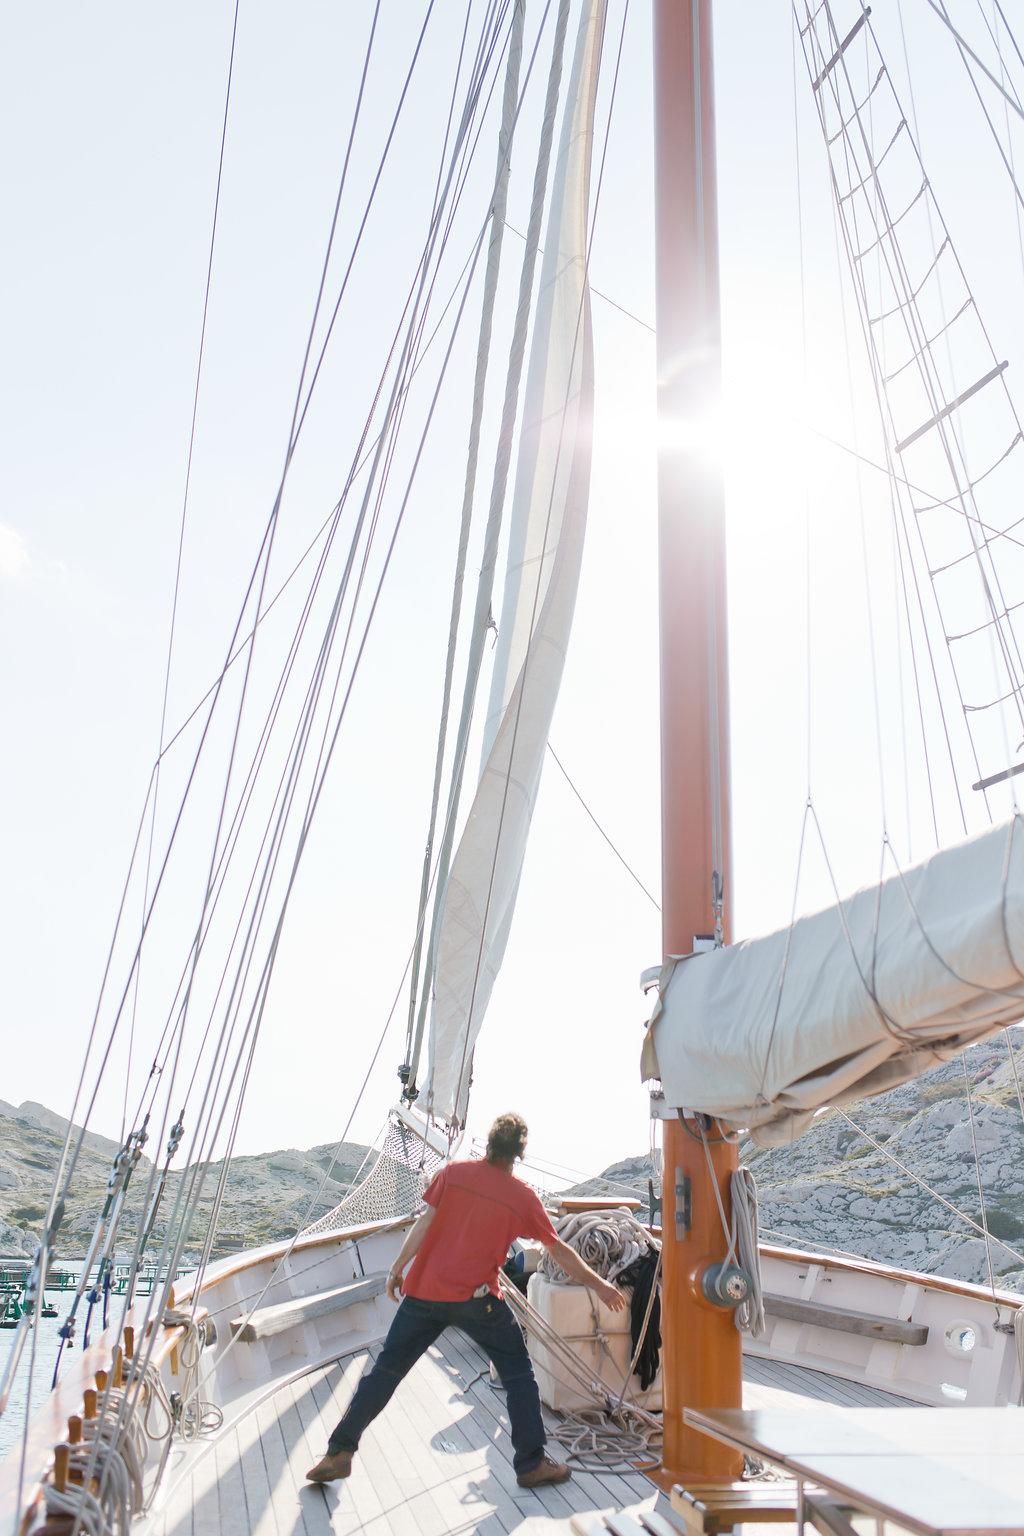 le coeur dans les etoiles - wedding planner - provence - sardaigne - shooting inspiration - mariage voilier - audrey carnoy - equipe voilier 2